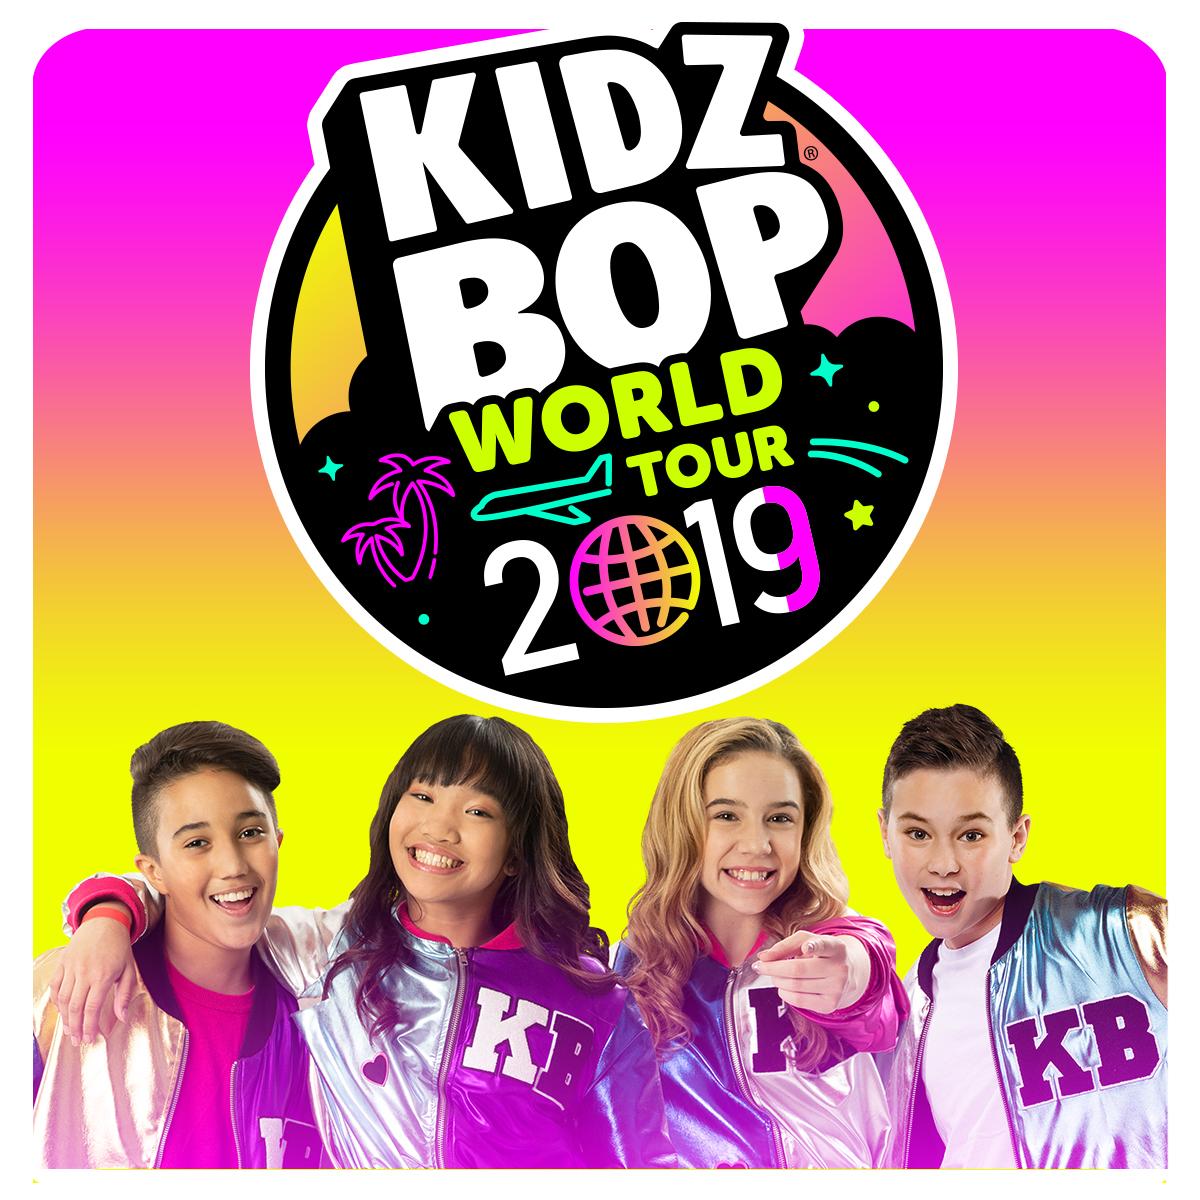 KIDZ BOP World Tour 2019 @ PNC Music Pavillion